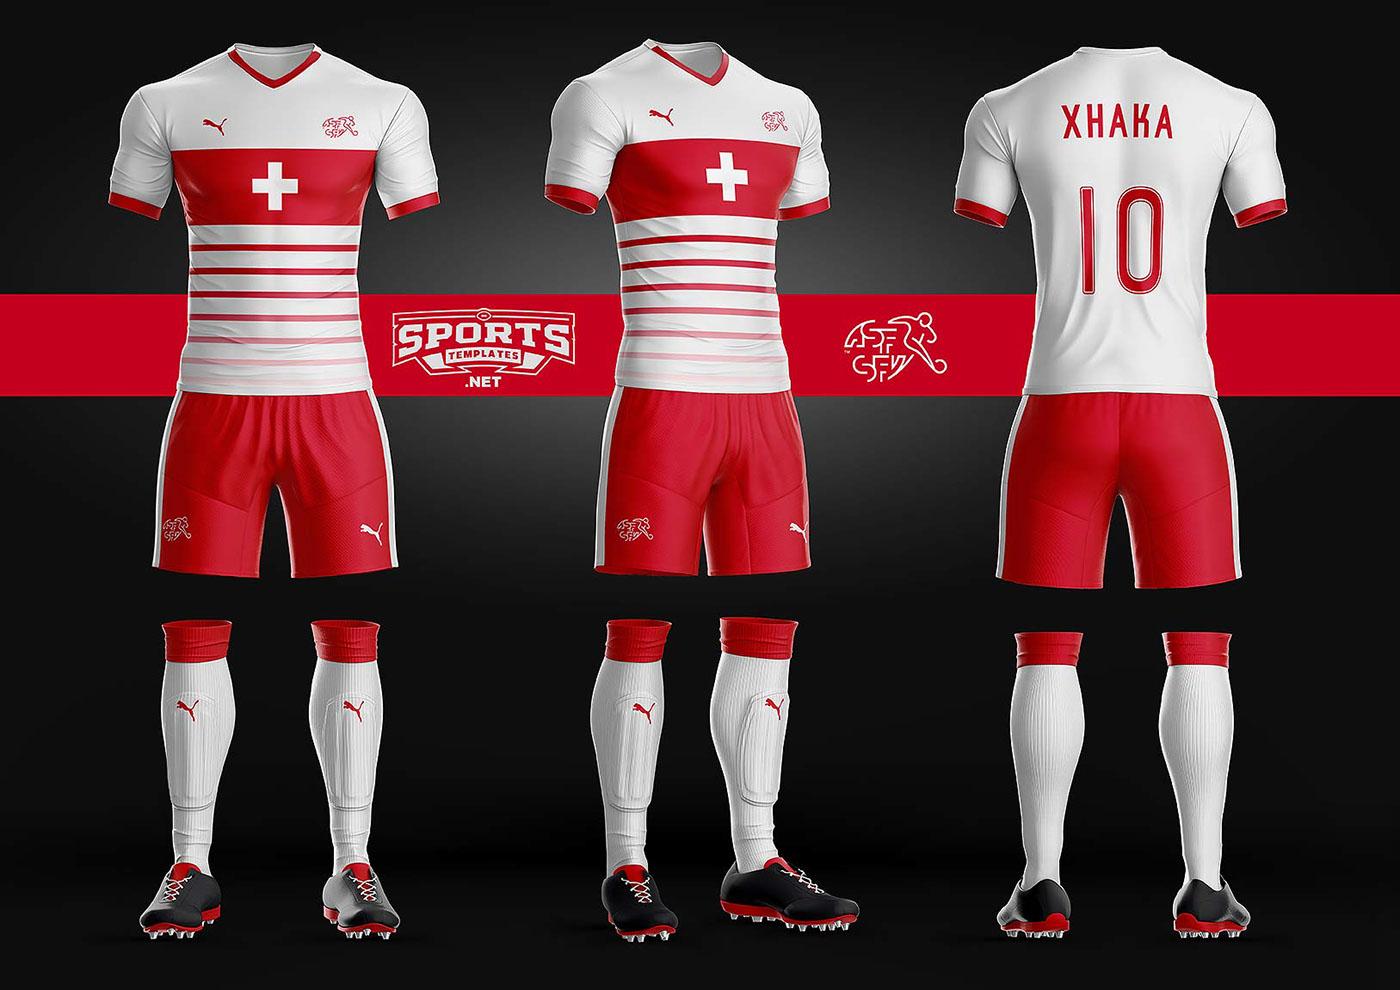 b0a9d587b Goal Soccer Kit Uniform Template On Behance